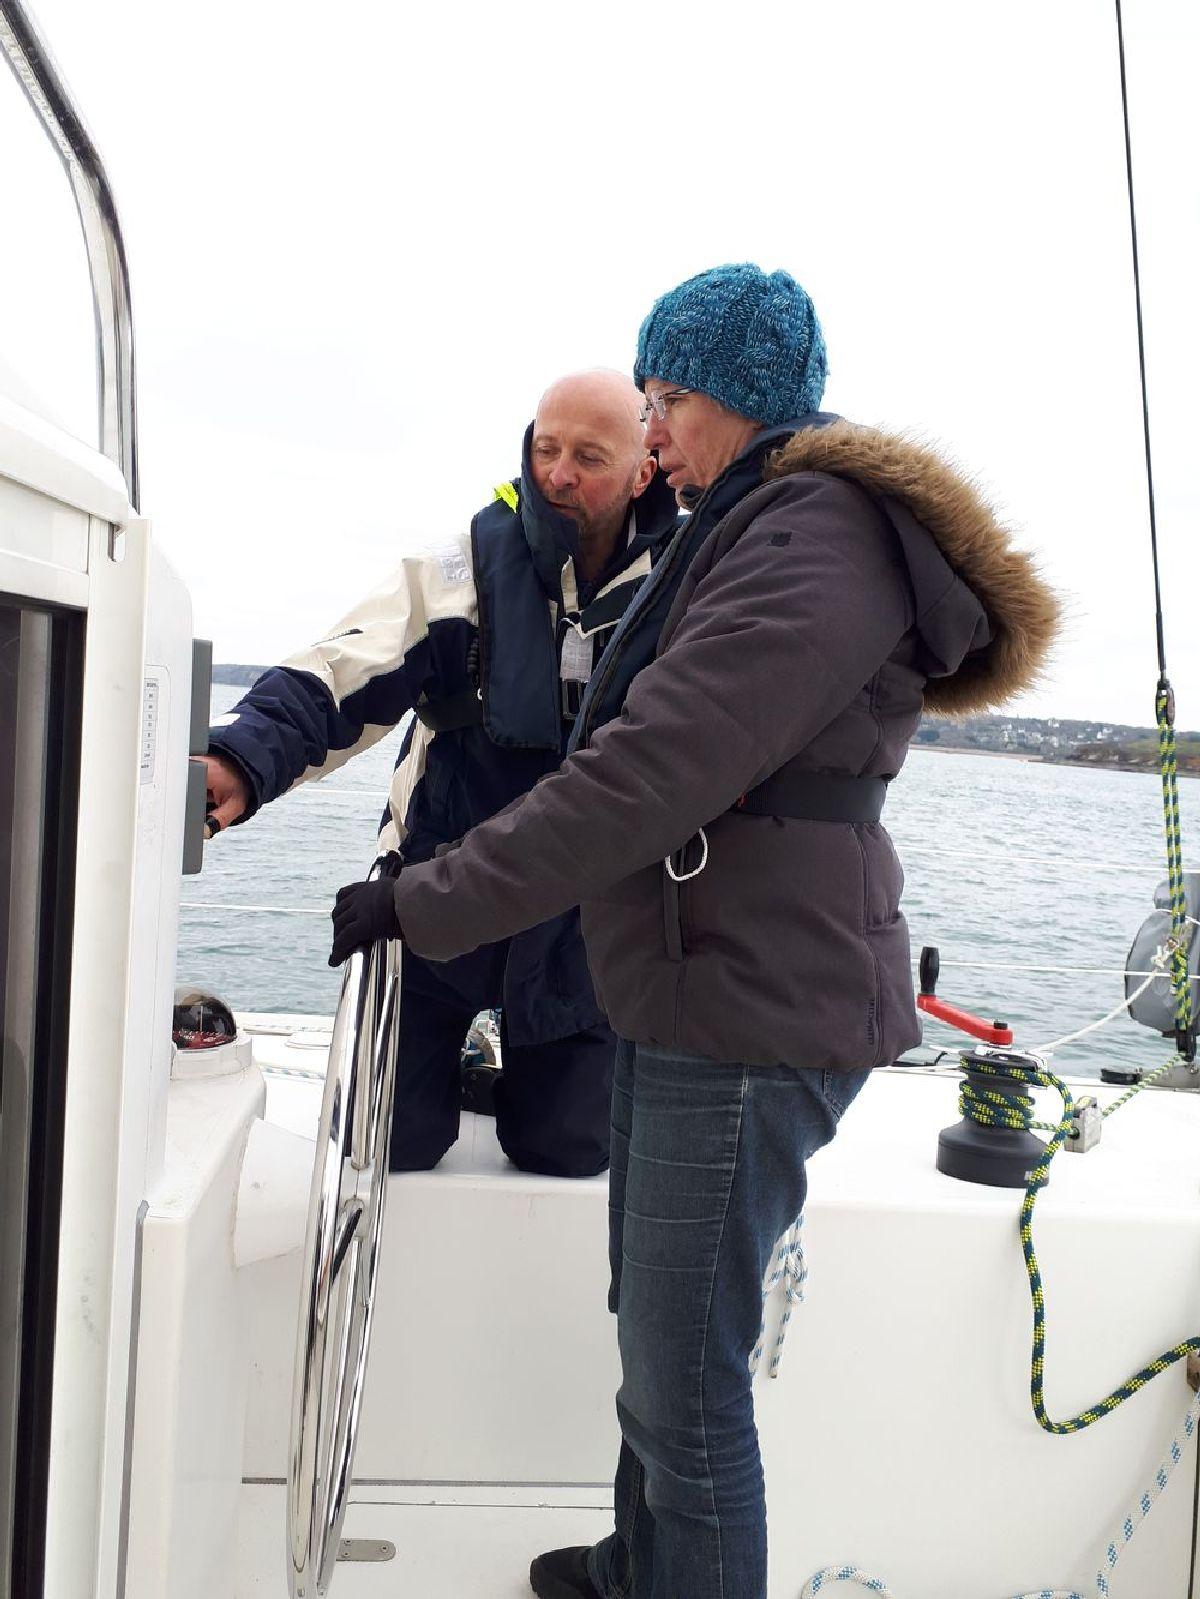 [ Marine à voile ] Catamaran Virginie Hériot voilier de l'Ecole Navale 19_la_10